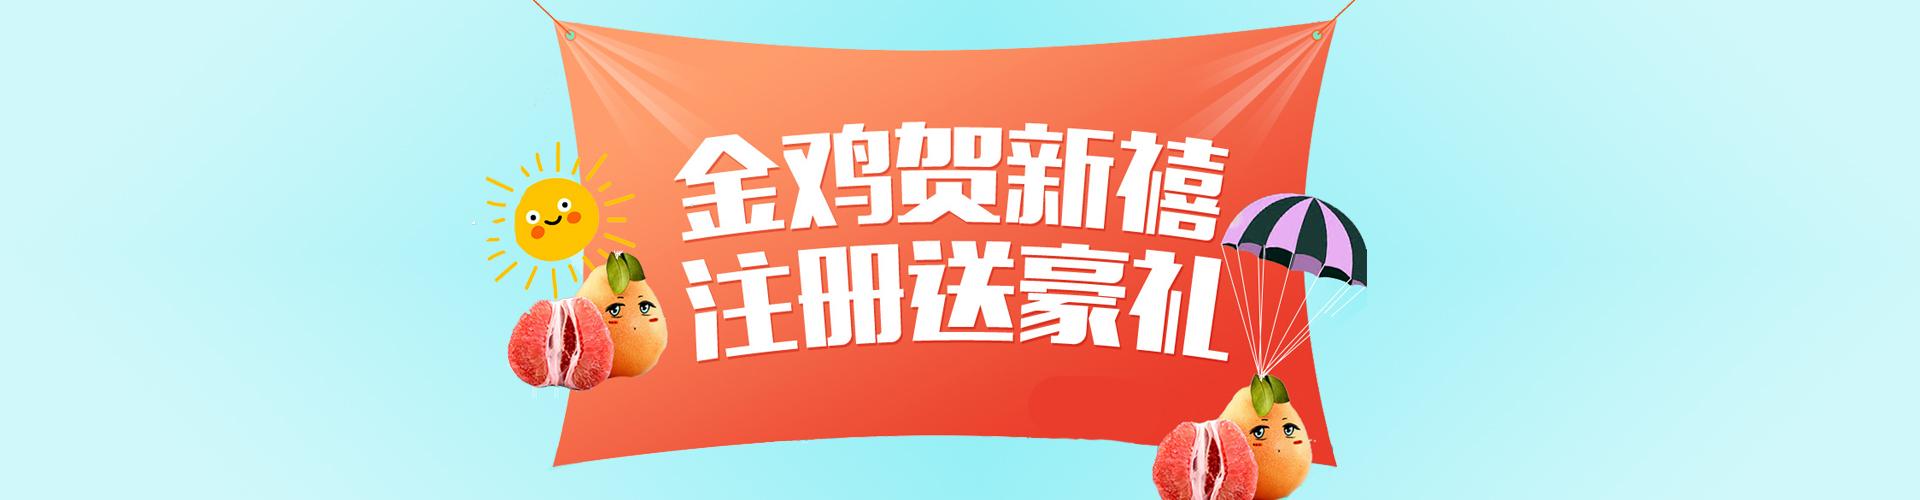 中国核桃产业网